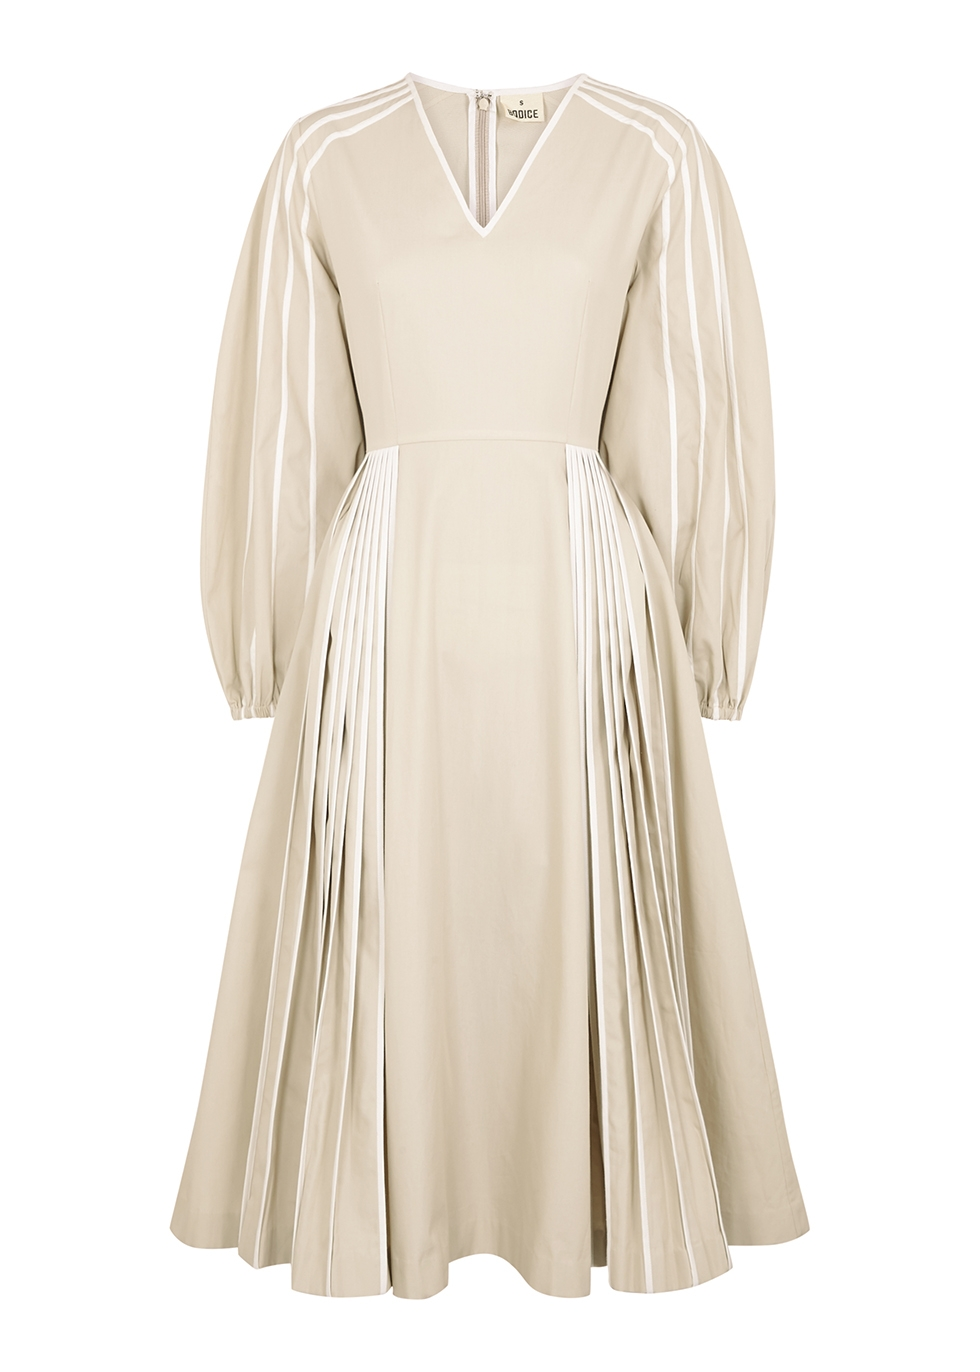 Cream cotton midi dress